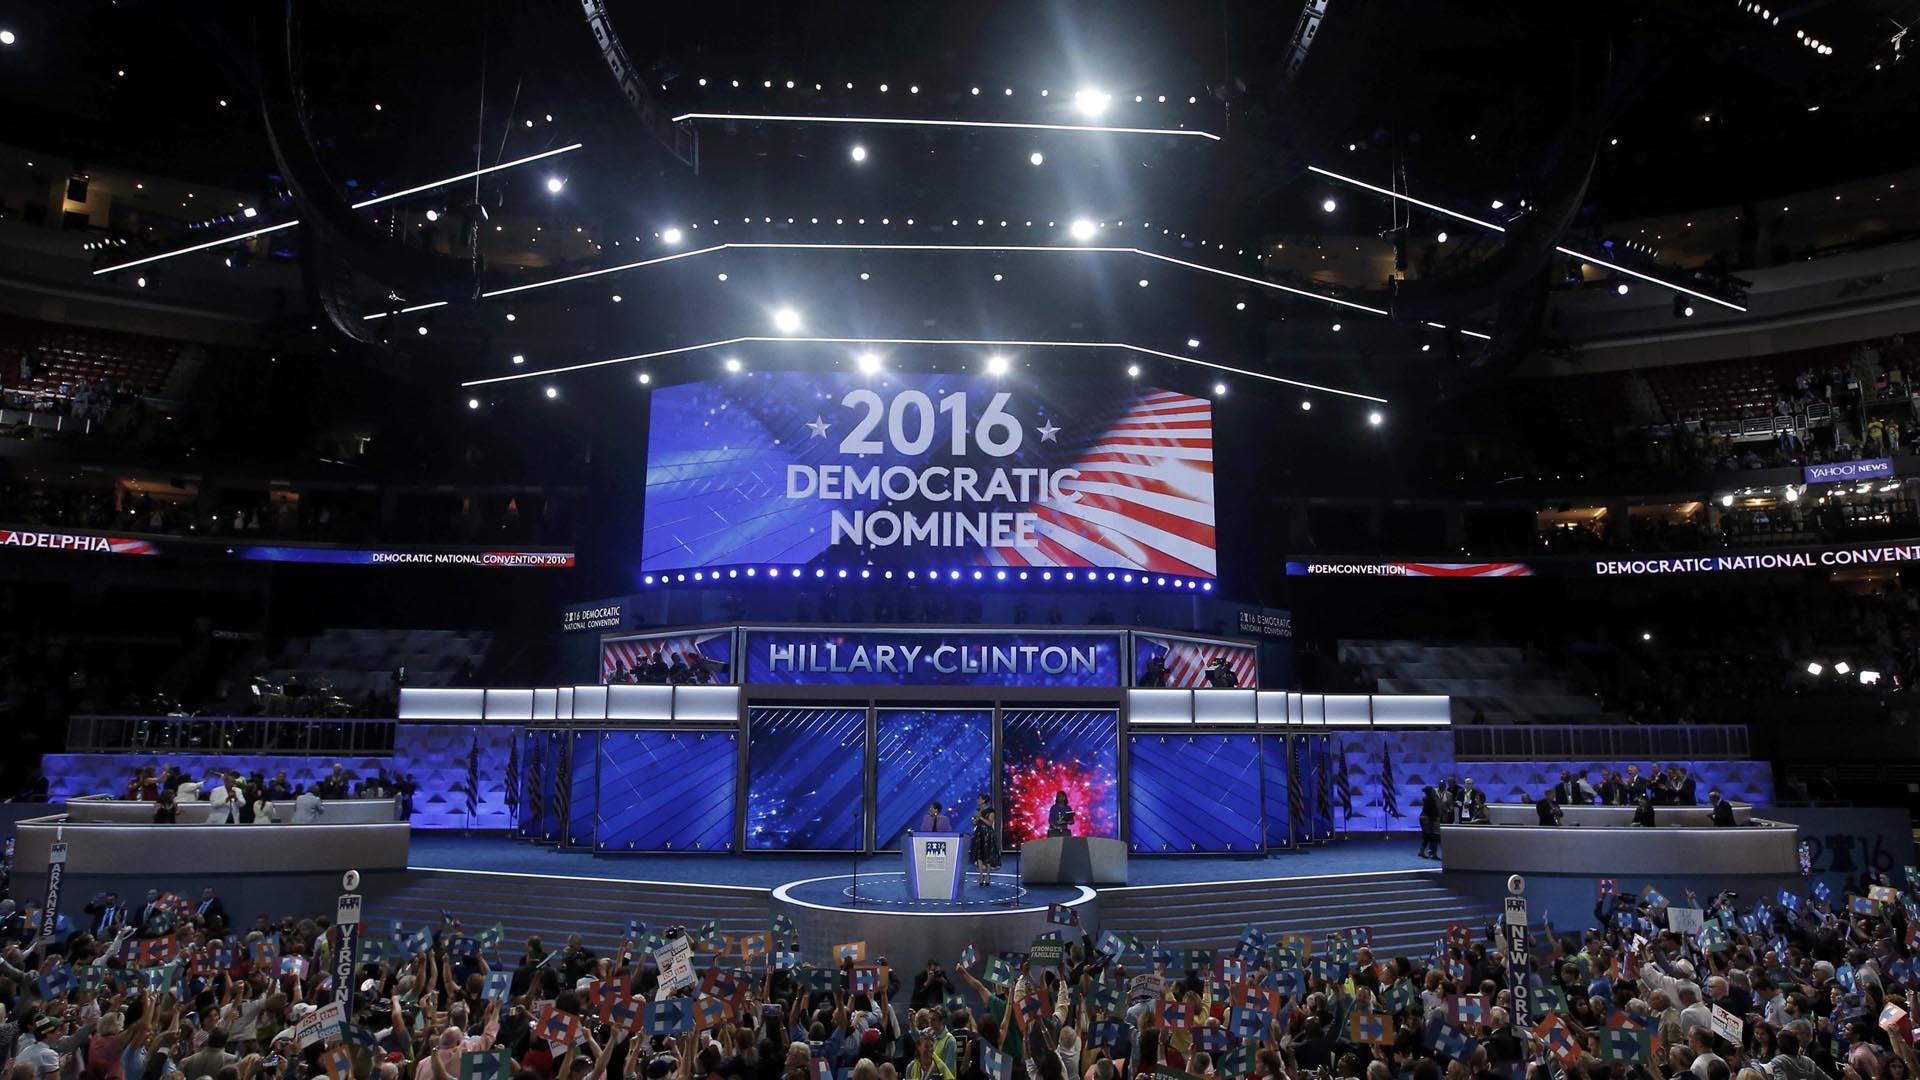 Oficialmente la ex primera dama representará a los demócratas en las elecciones donde se escogerá al sustituto de Obama